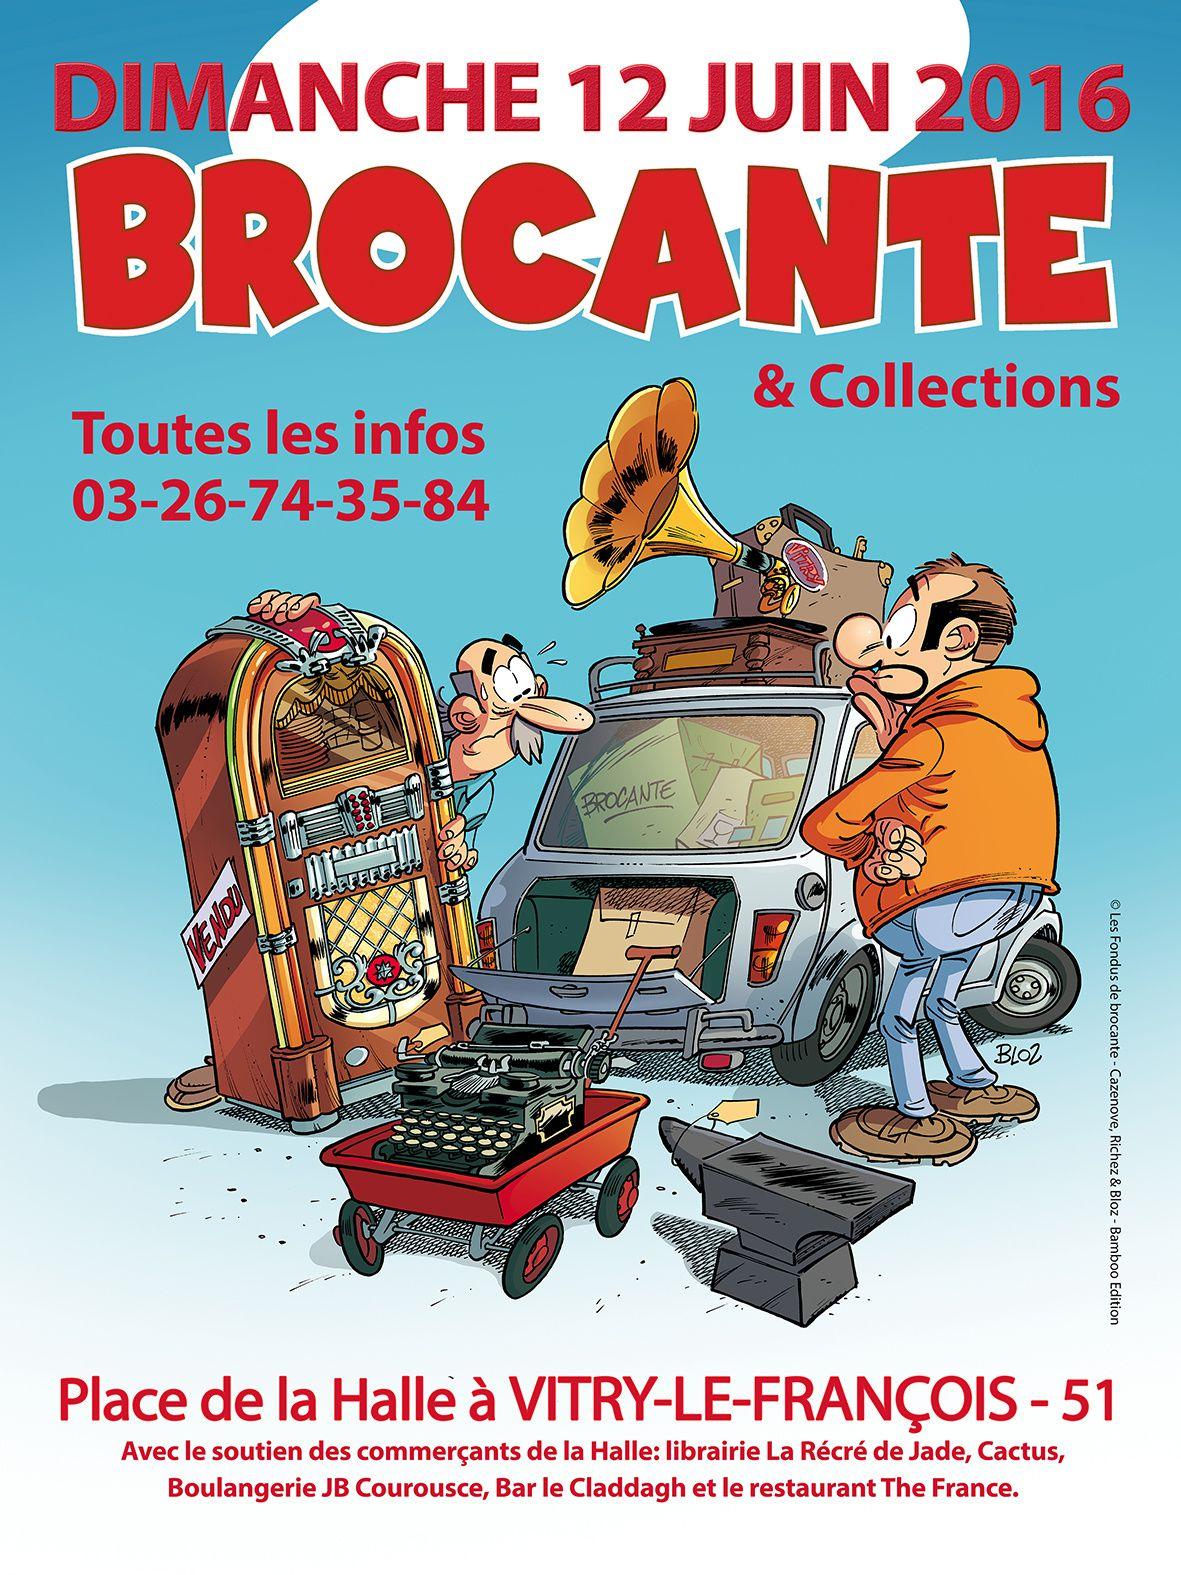 Brocante de la Halle et Foire aux collections - Dimanche 12 Juin 2016